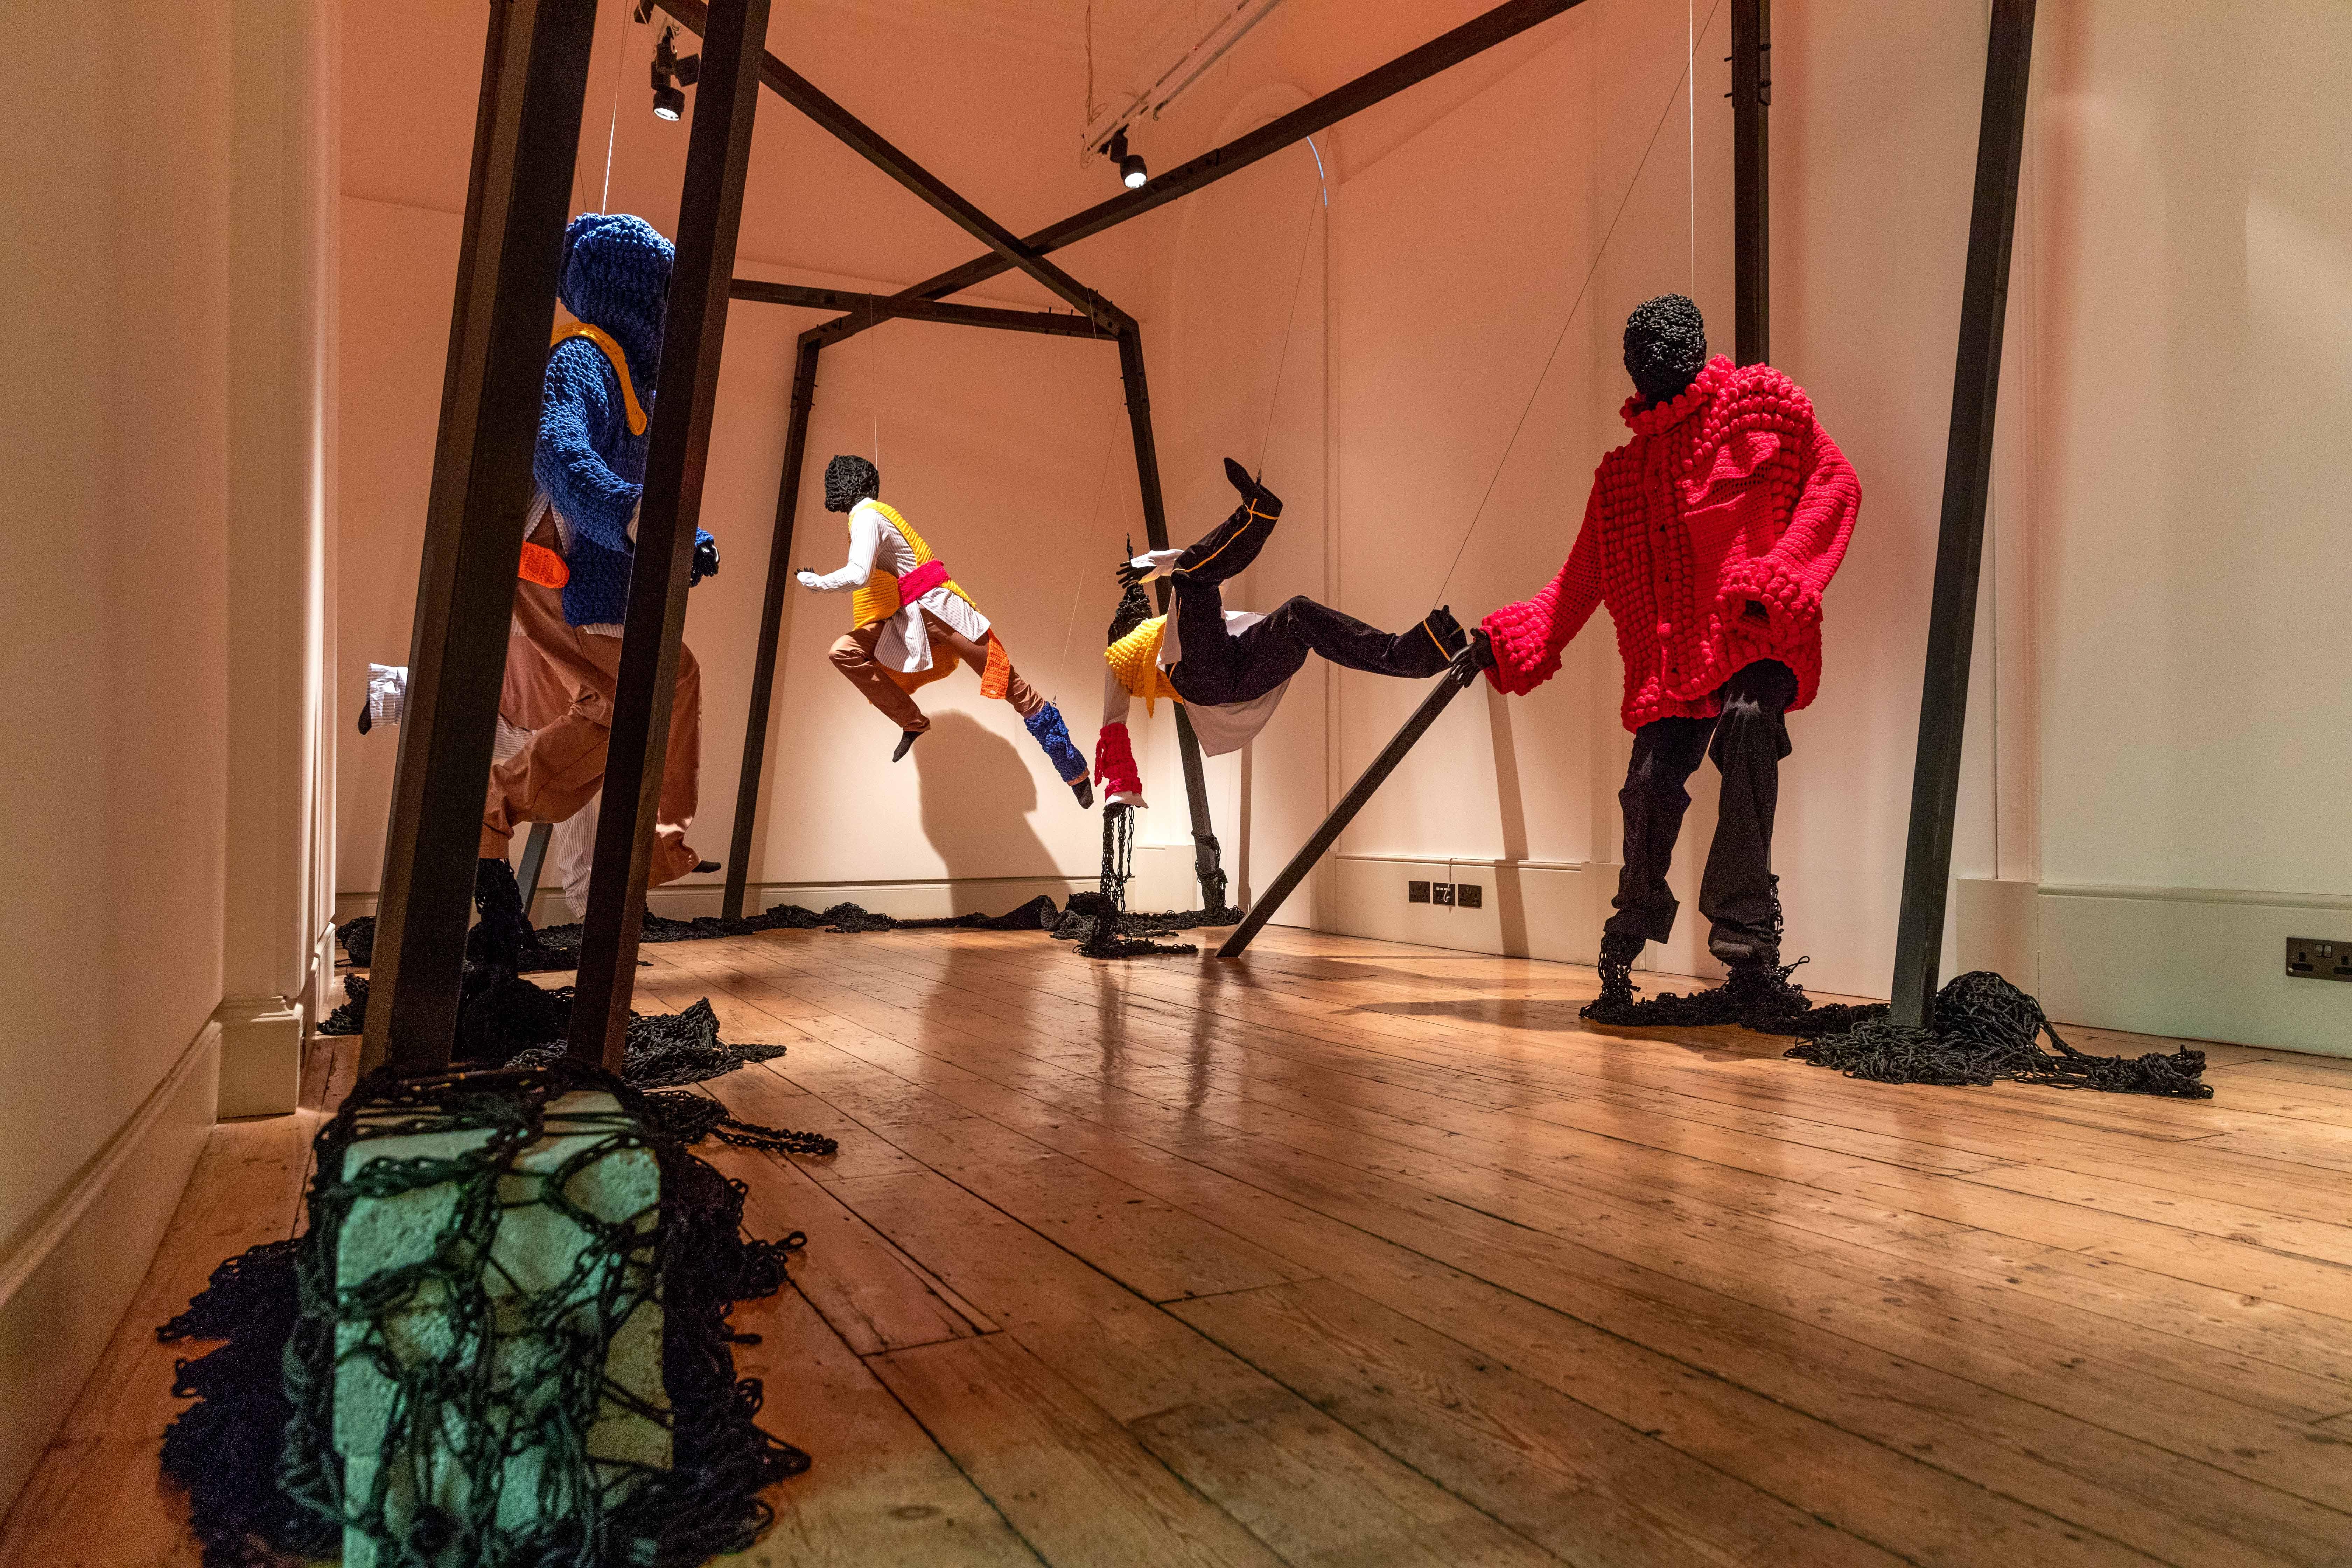 Instalação de David Lee no Internacional Fashion Showcase, em Londres / Cortesia